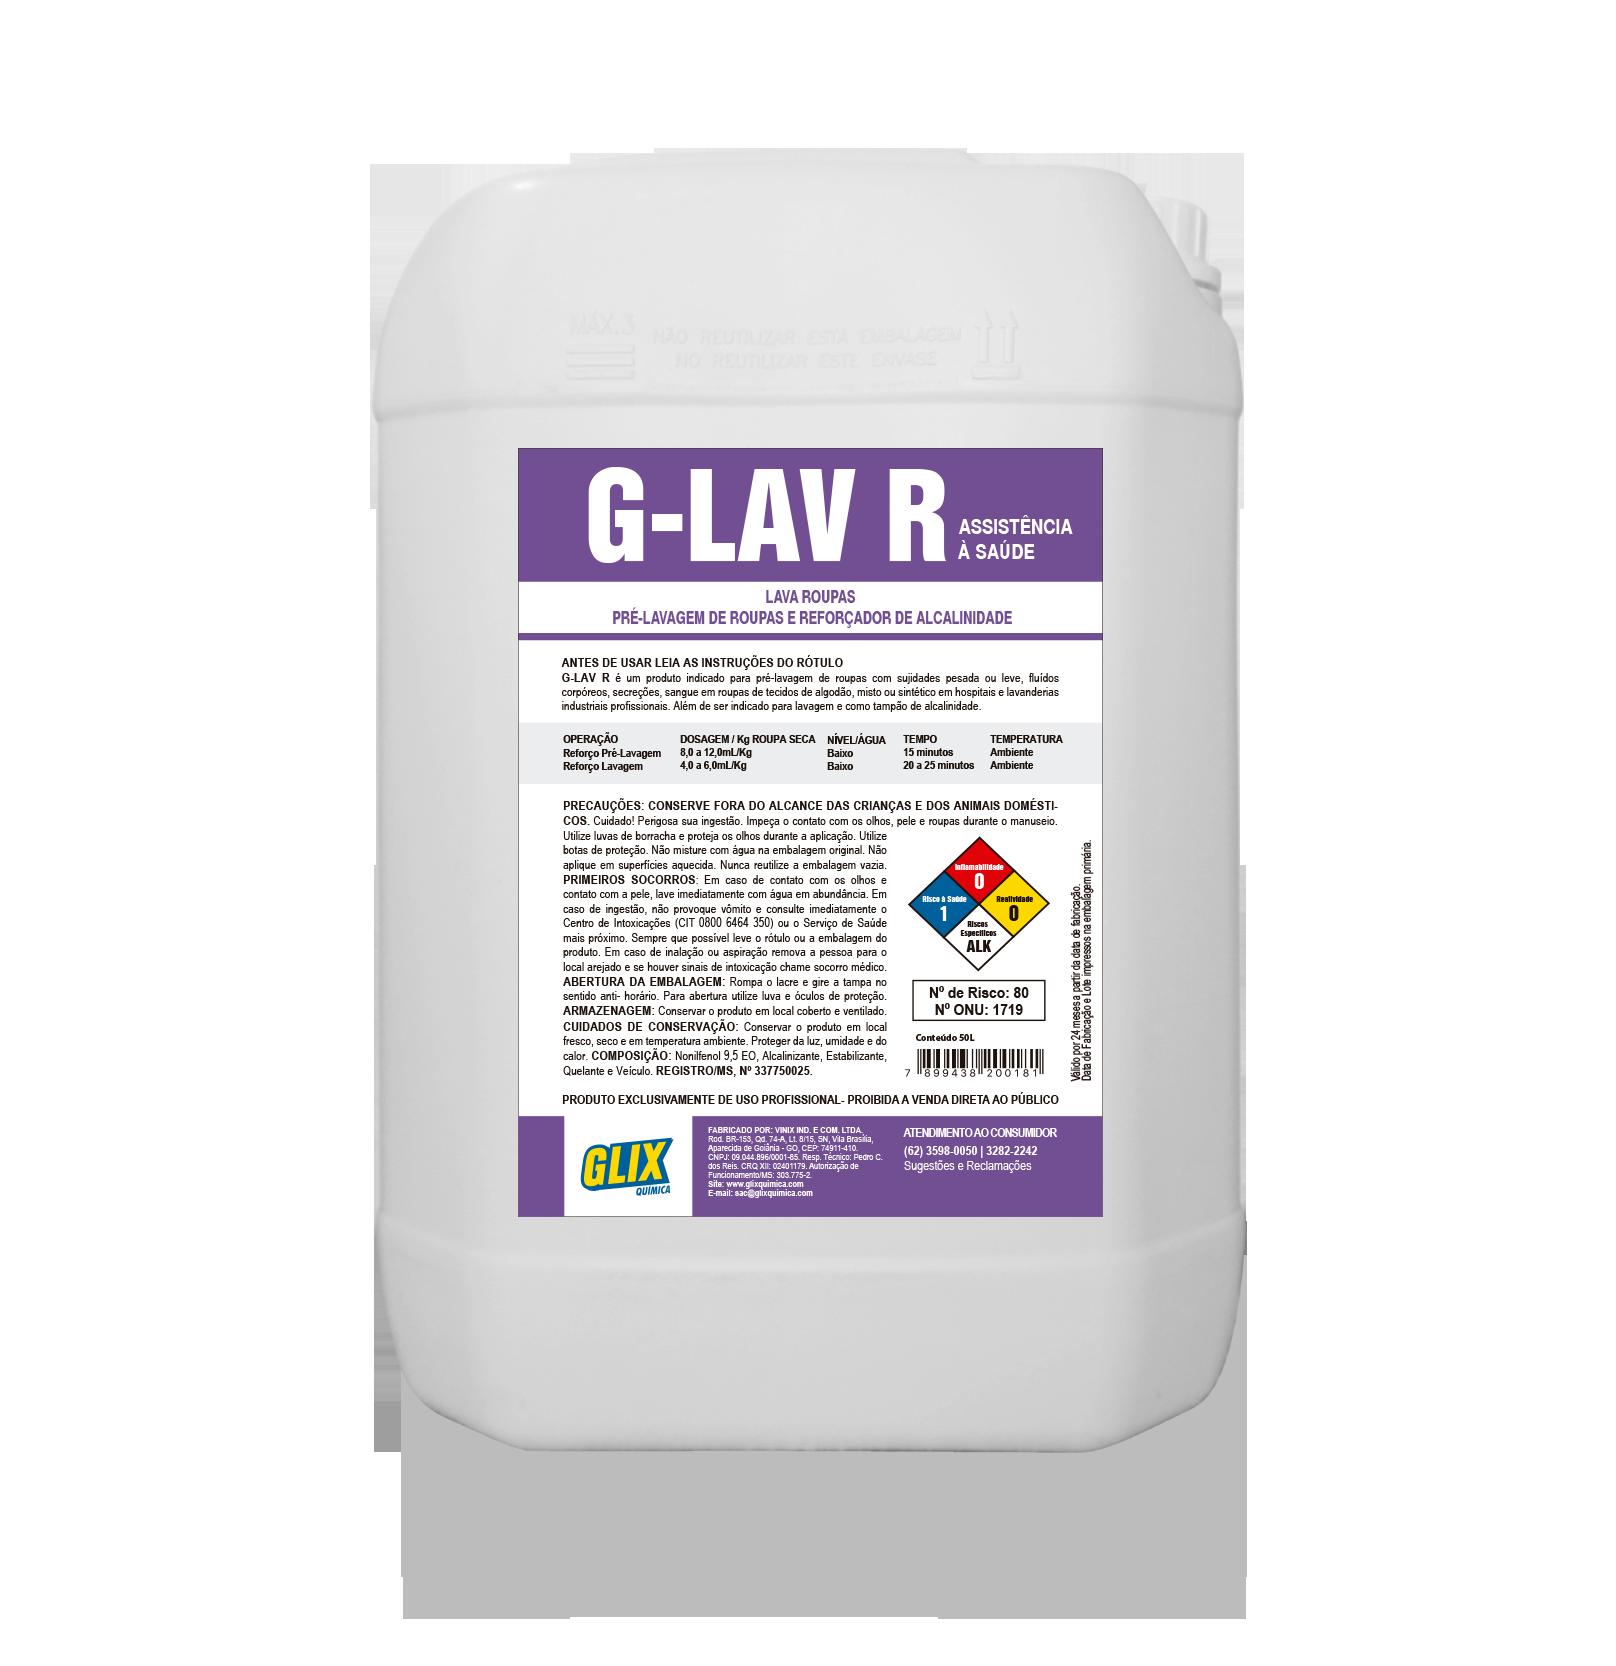 G-LAV R